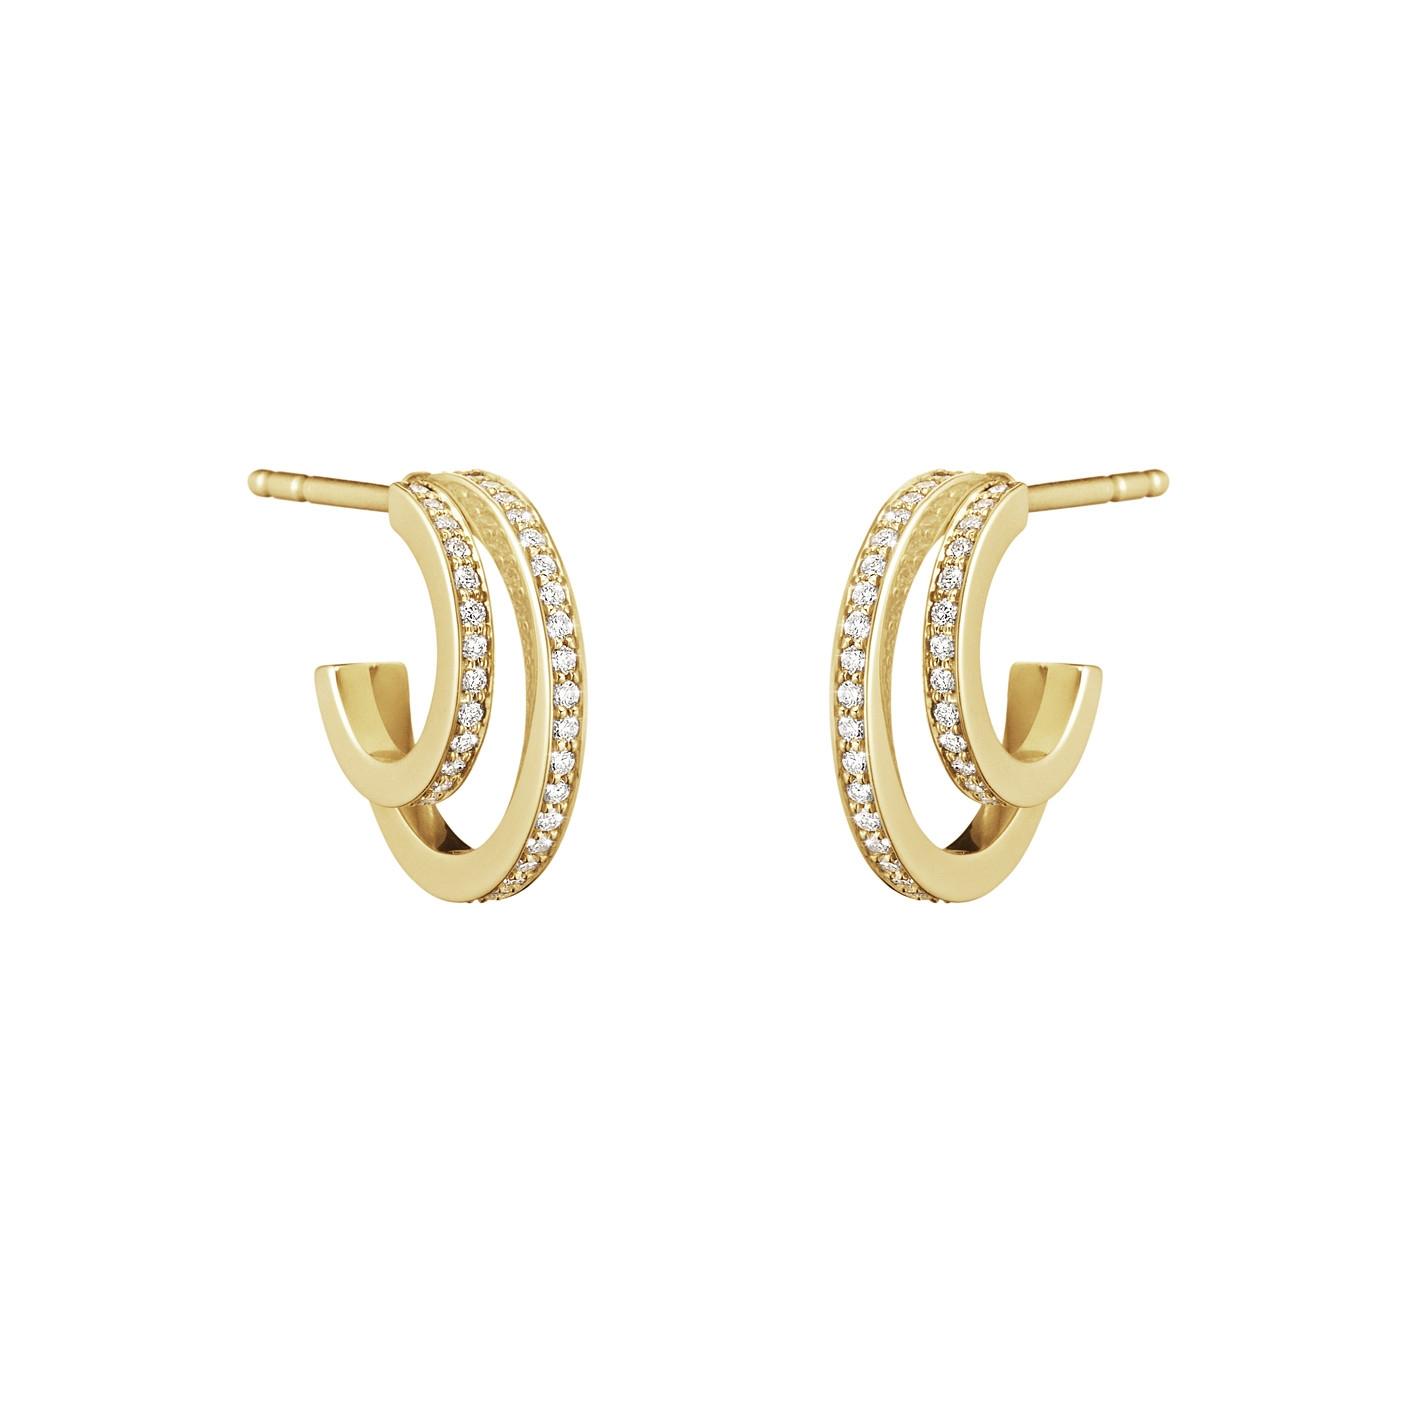 Georg Jensen Halo Pave Hoop Earrings